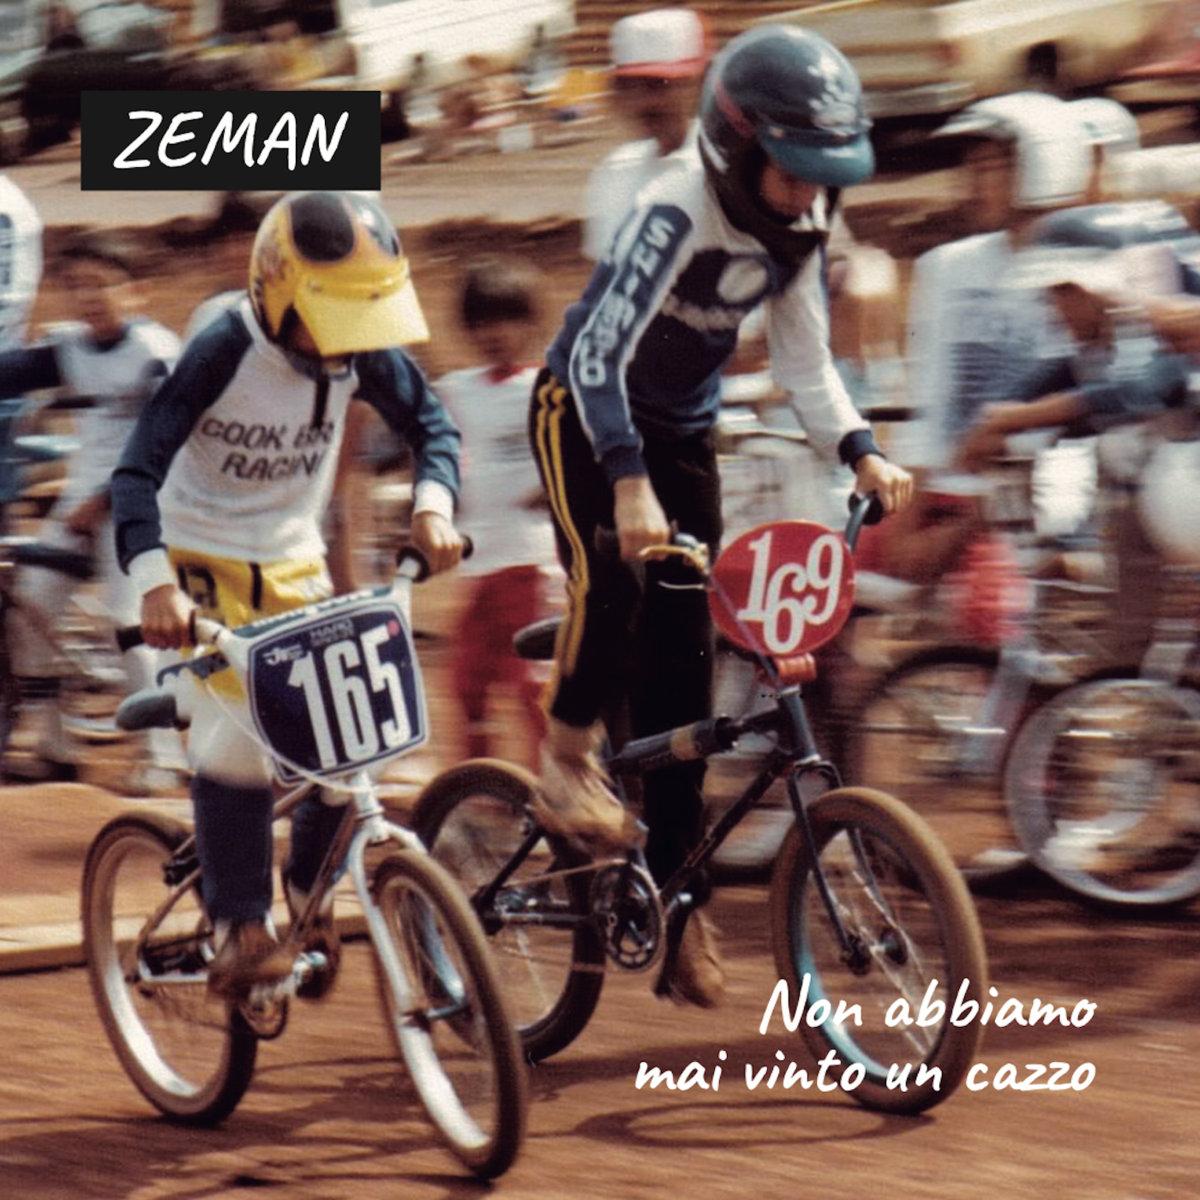 Zeman - Non abbiamo mai vinto un cazzo CD